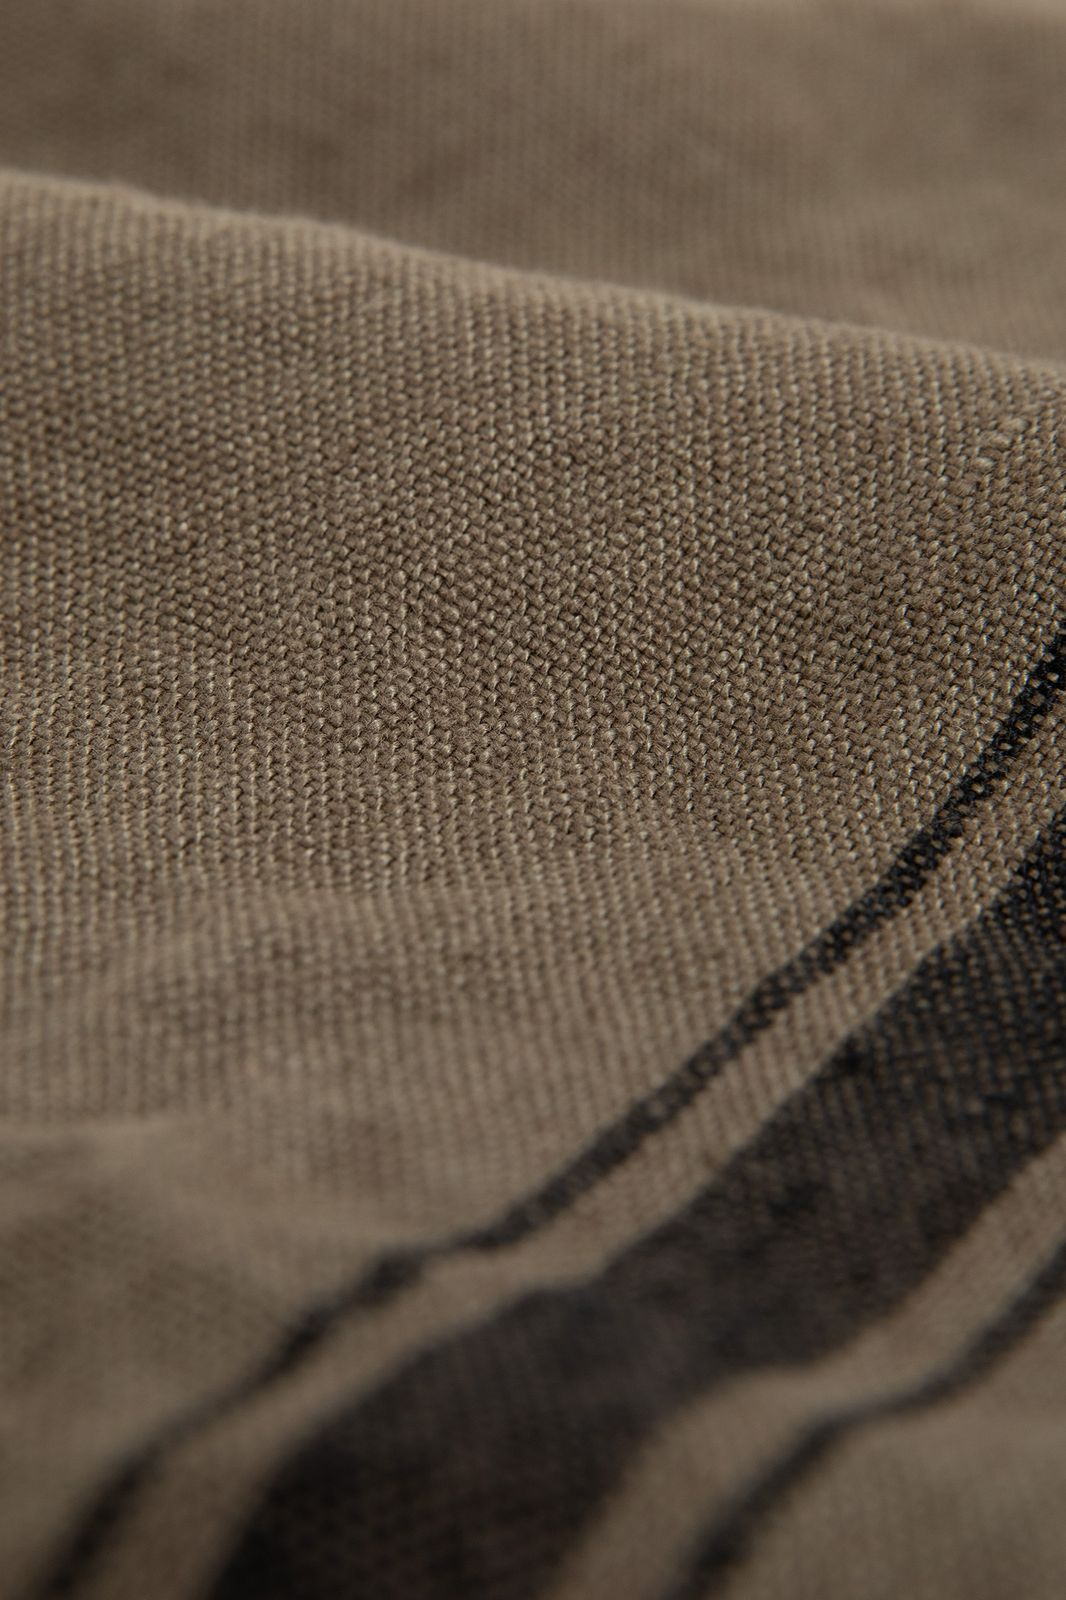 Bruine theedoek met zwarte omlijning